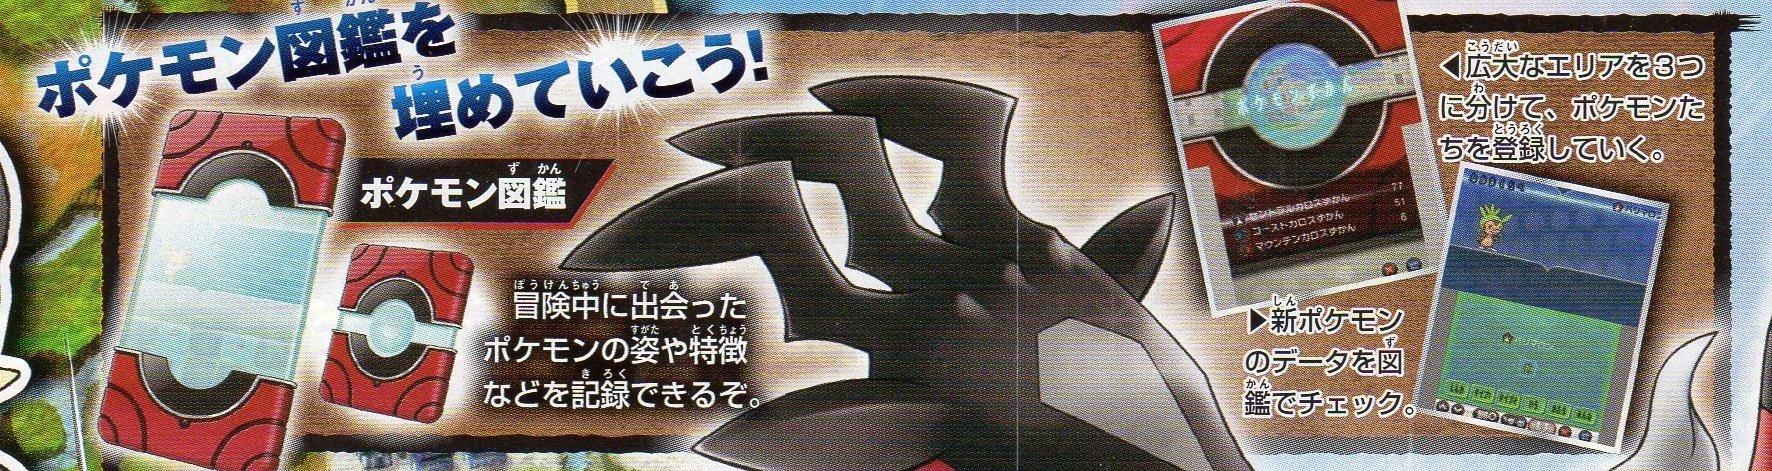 Der Karos-Dex in der CoroCoro Juni 2013 Ausgabe